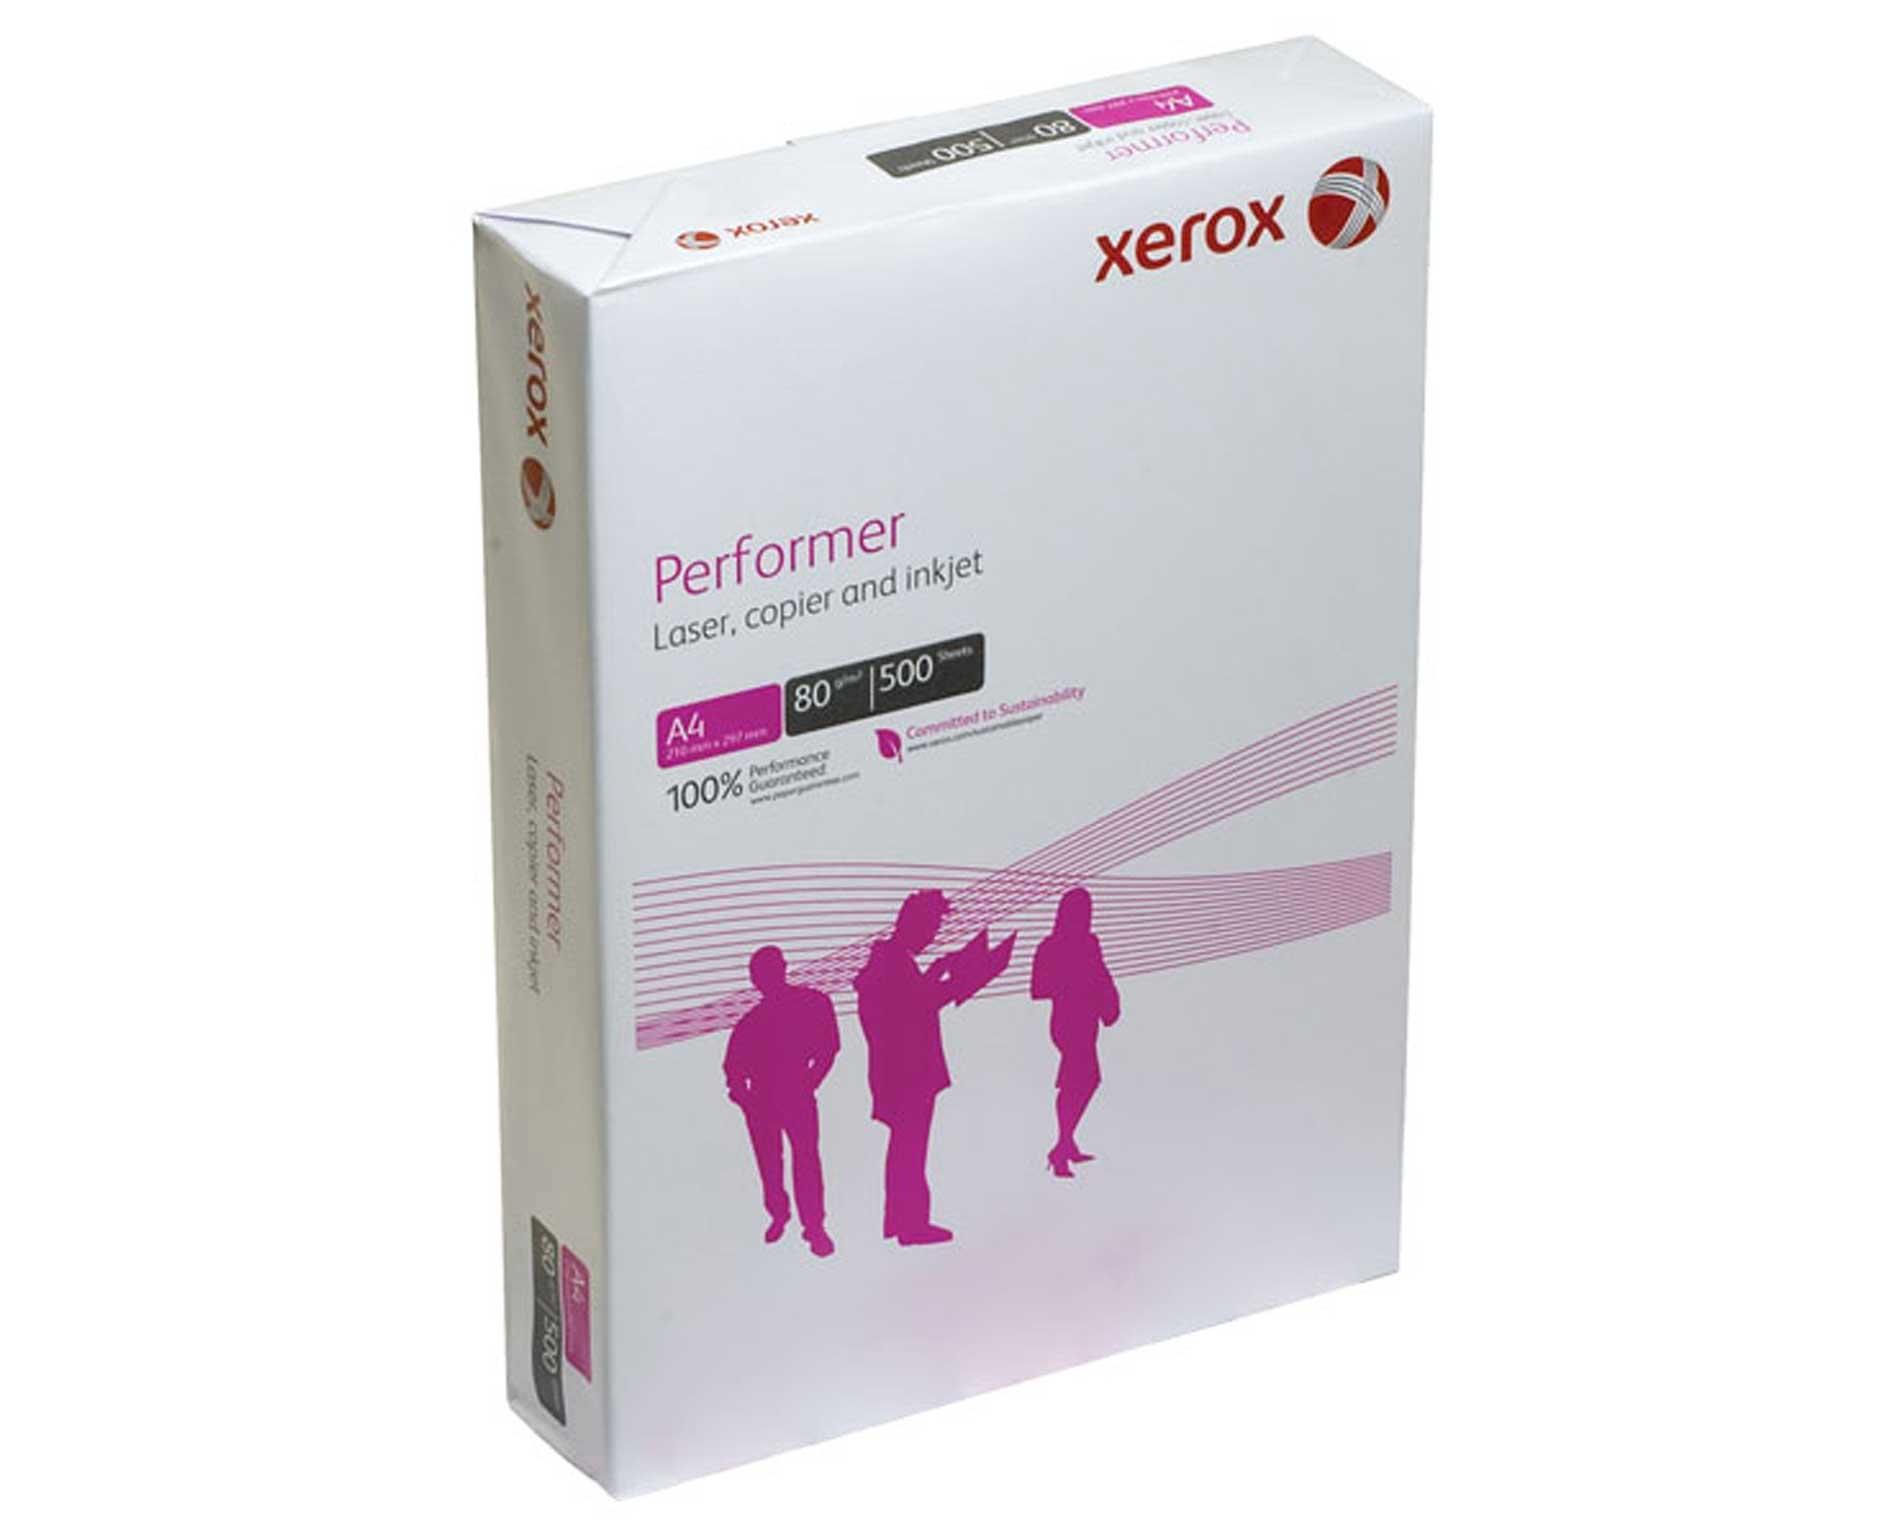 ������ Xerox Performer ����� �, A4, 500 ������ - 500 �, 80�/�2, 297x210 (A4) 003R90649